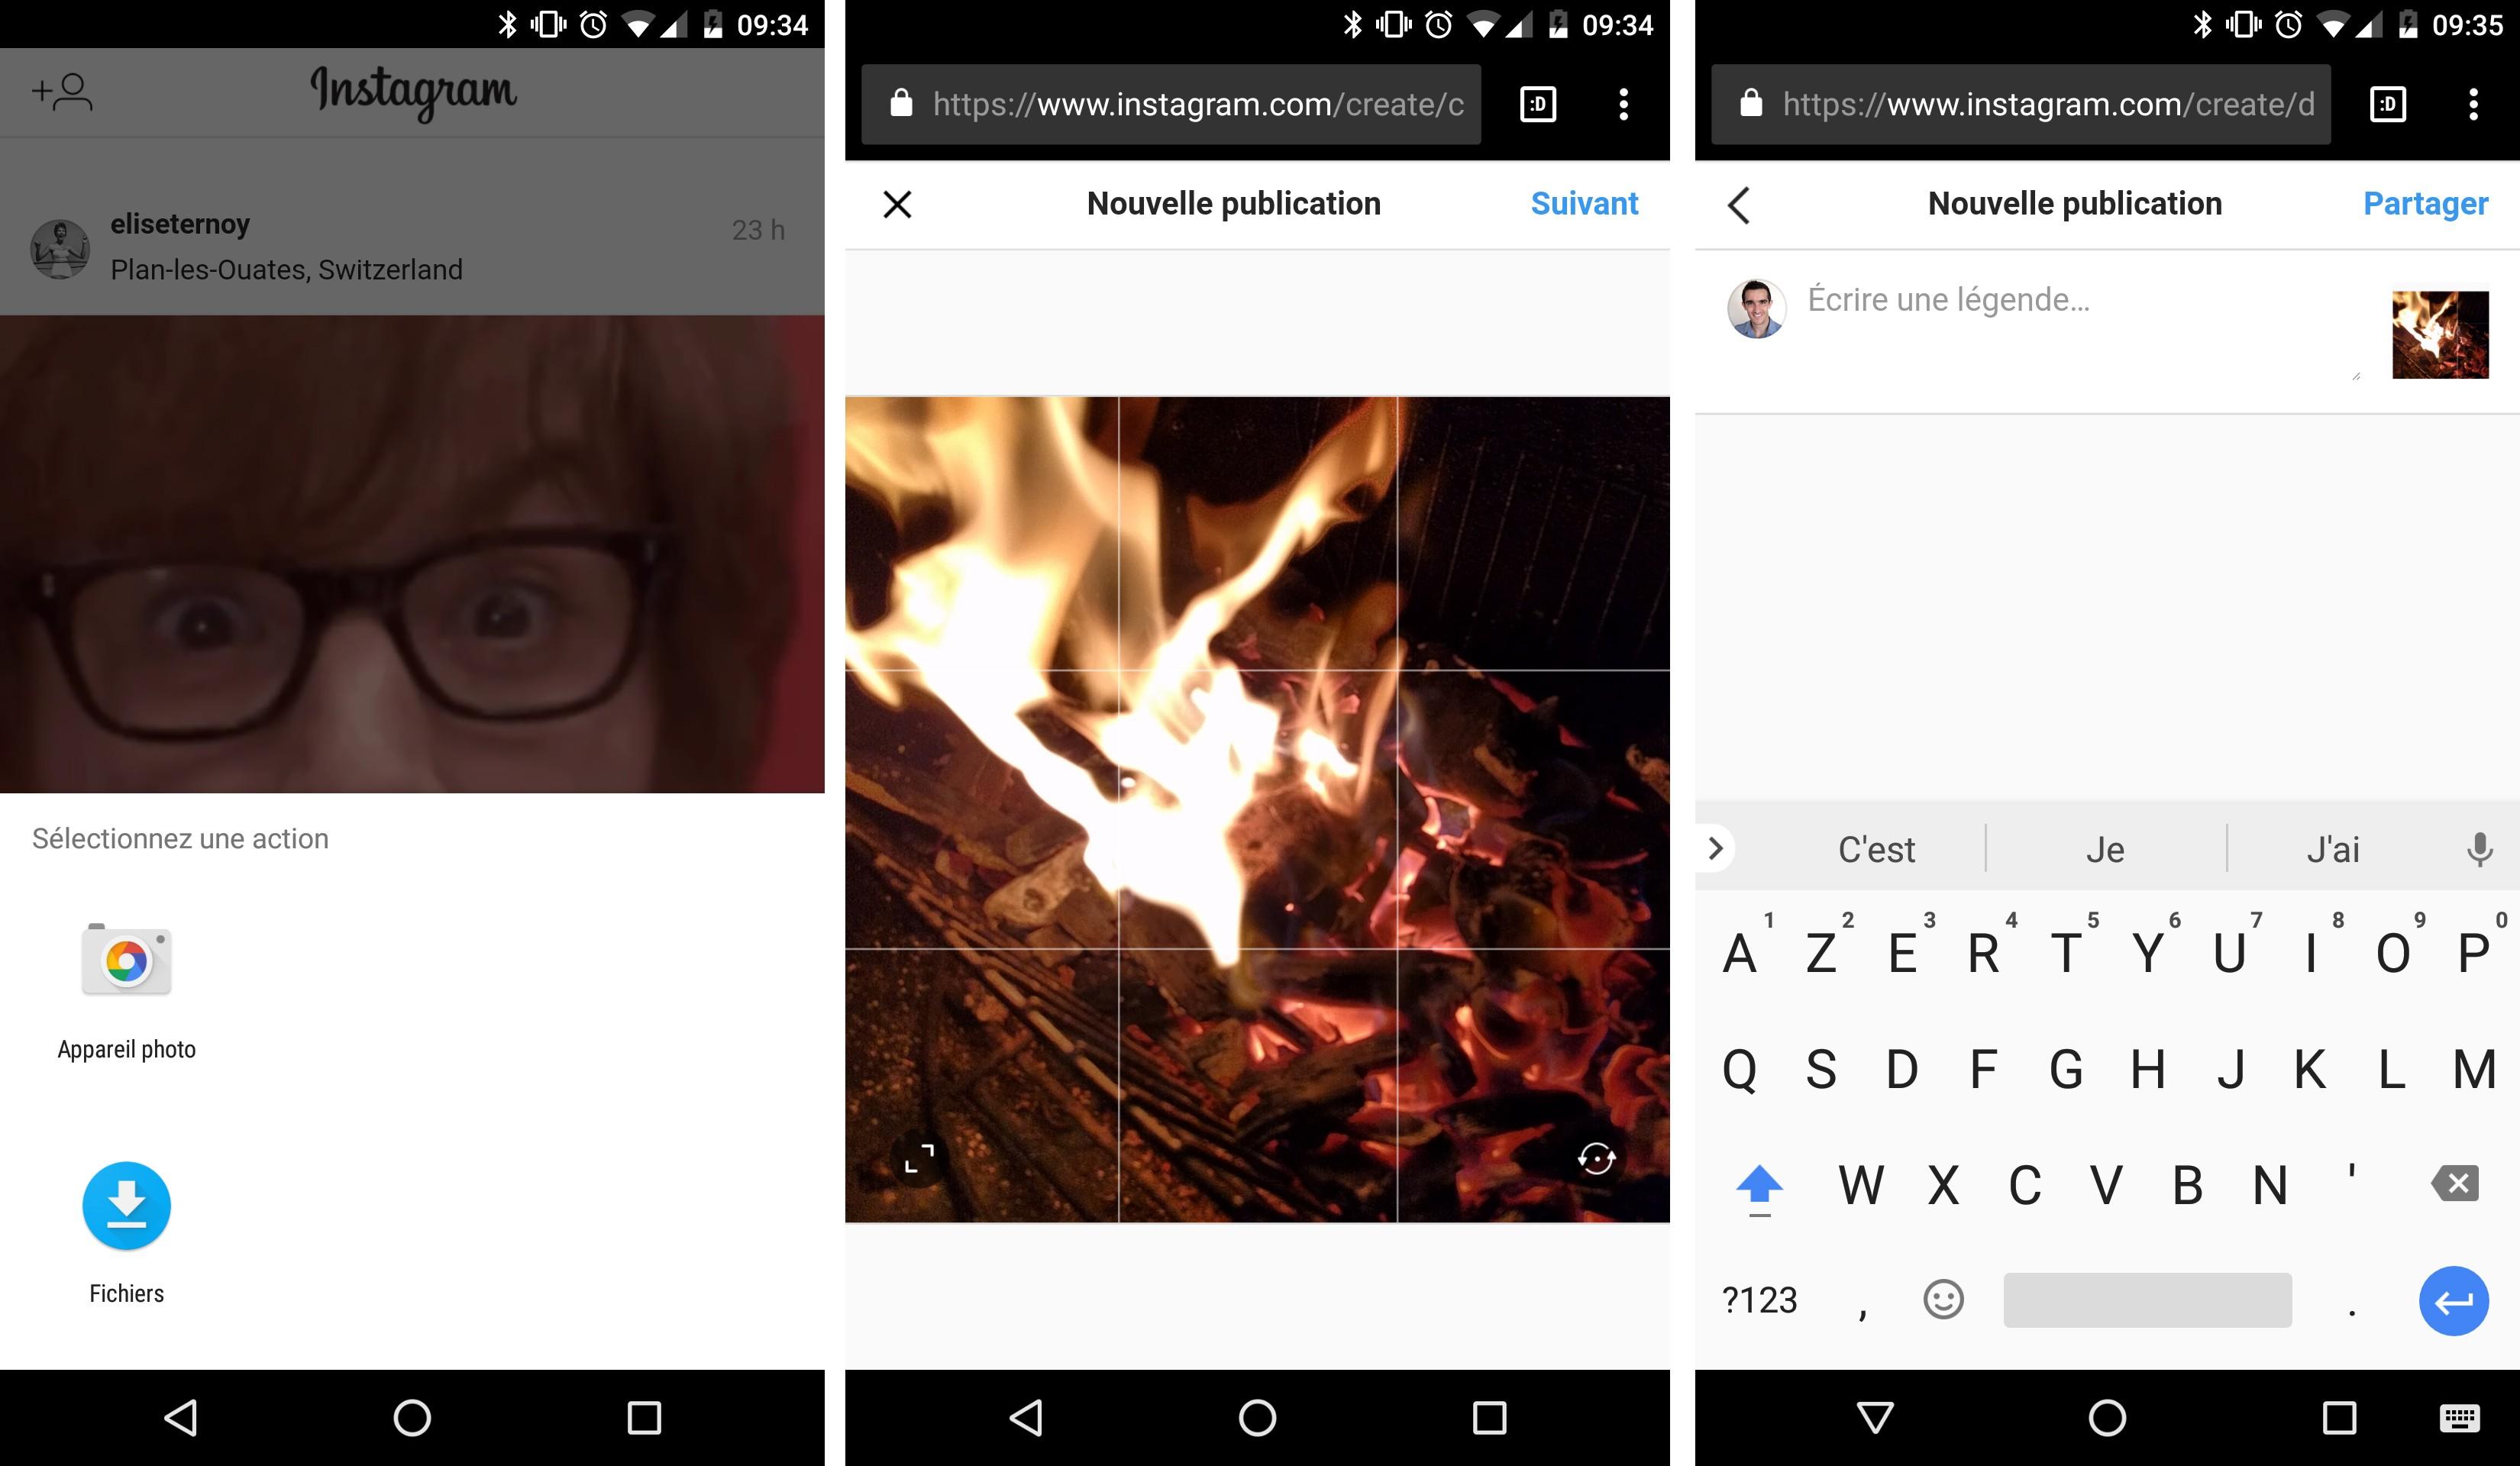 Avec Instagram, poster depuis un navigateur web sur son ordinateur ou mobile. Ce plugin permet de publier des photos directement sur votre compte Instagram en les Les solutions sont donc nombreuses pour vous permettre de poster vos photos Instagram depuis votre Mac ou PC, ou...